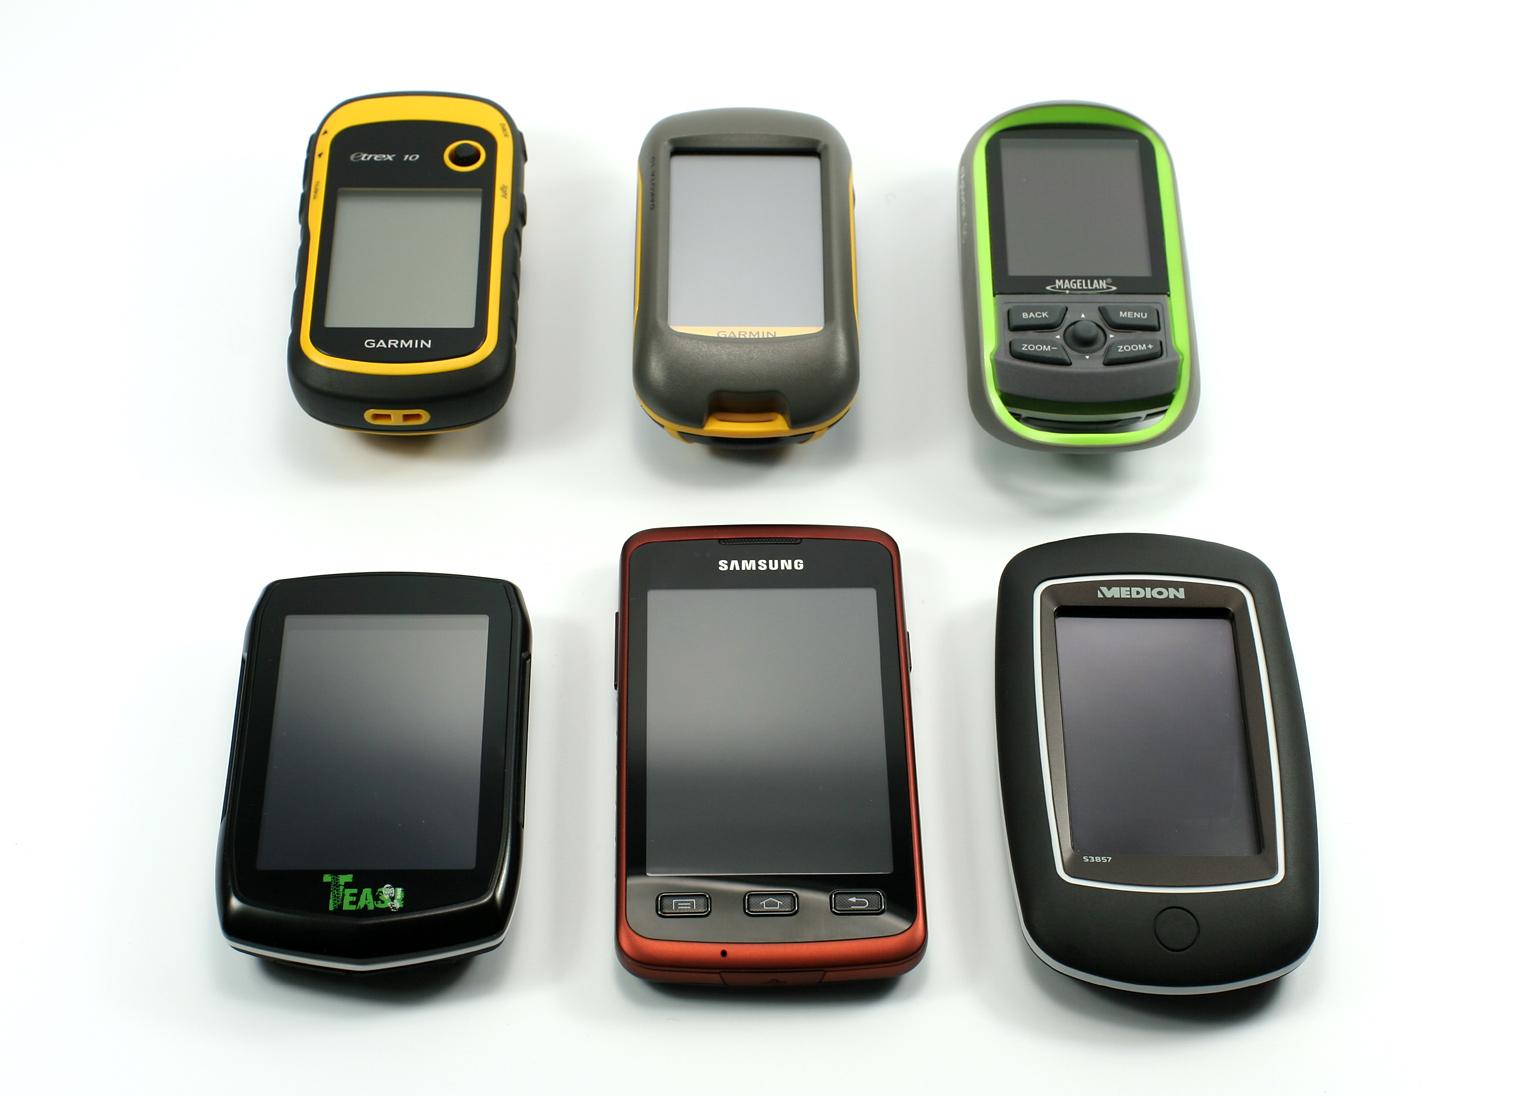 Gps Geräte Vergleich : Preiswerte outdoor gps geräte für einsteiger im vergleichstest